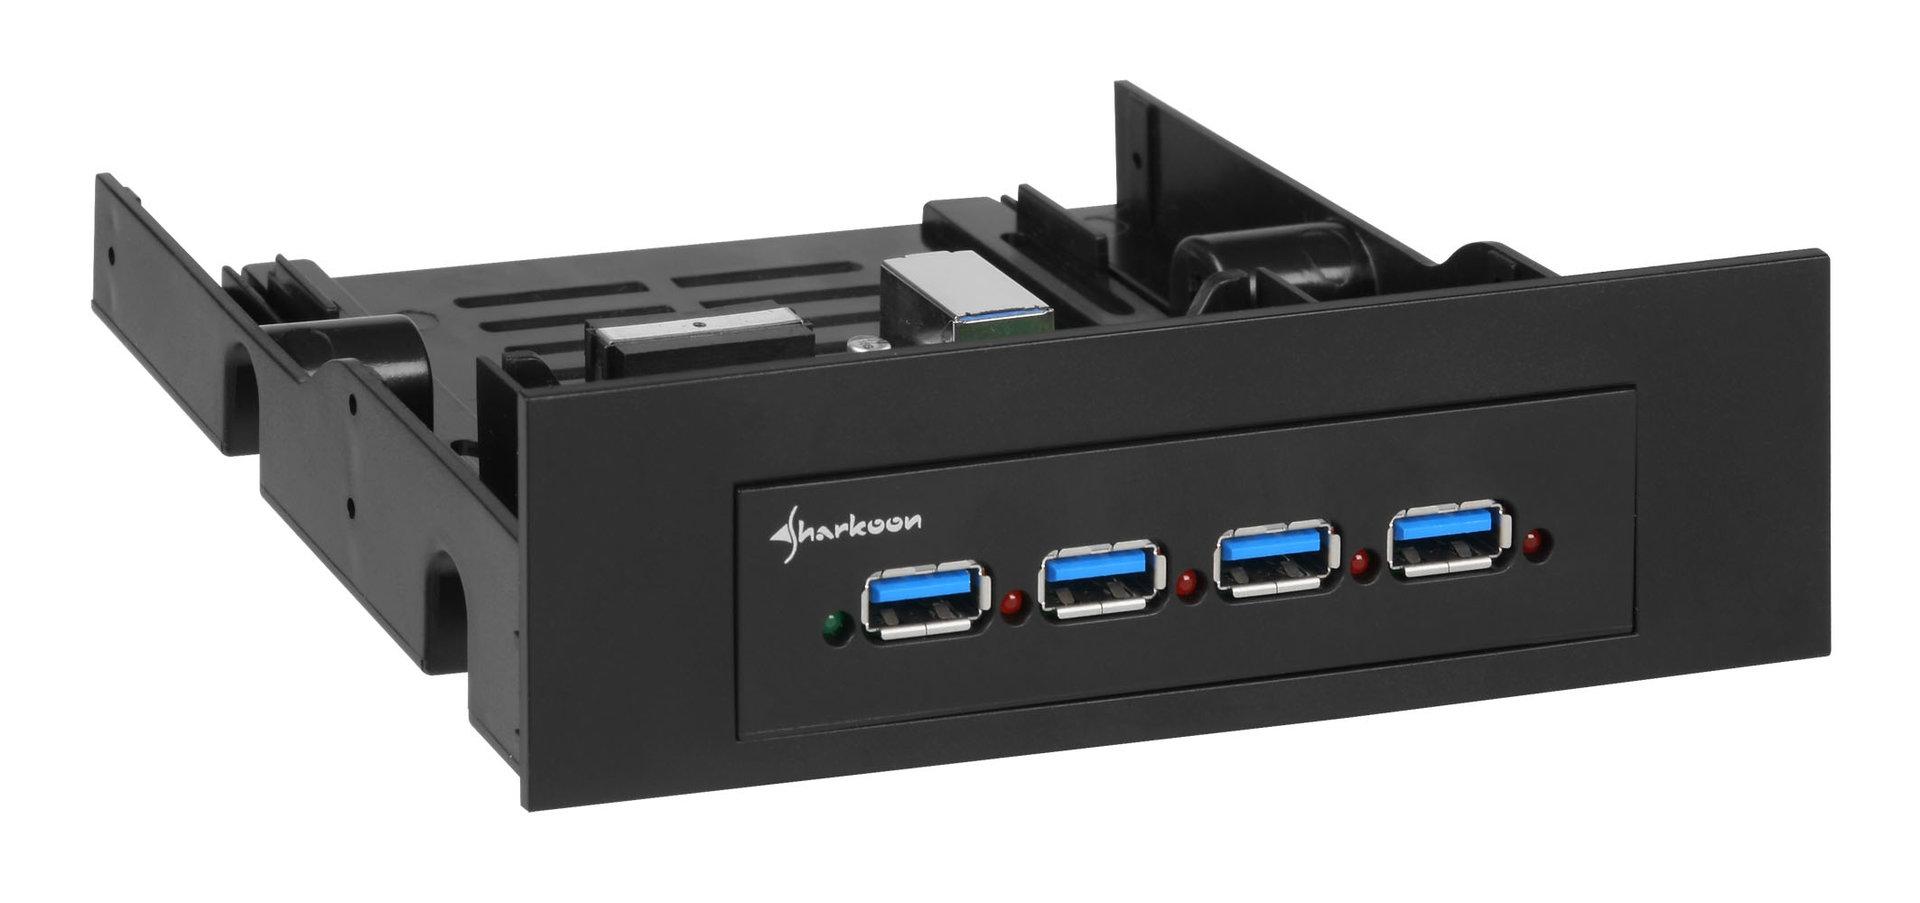 Sharkoon 4-Port USB 3.0 Hub